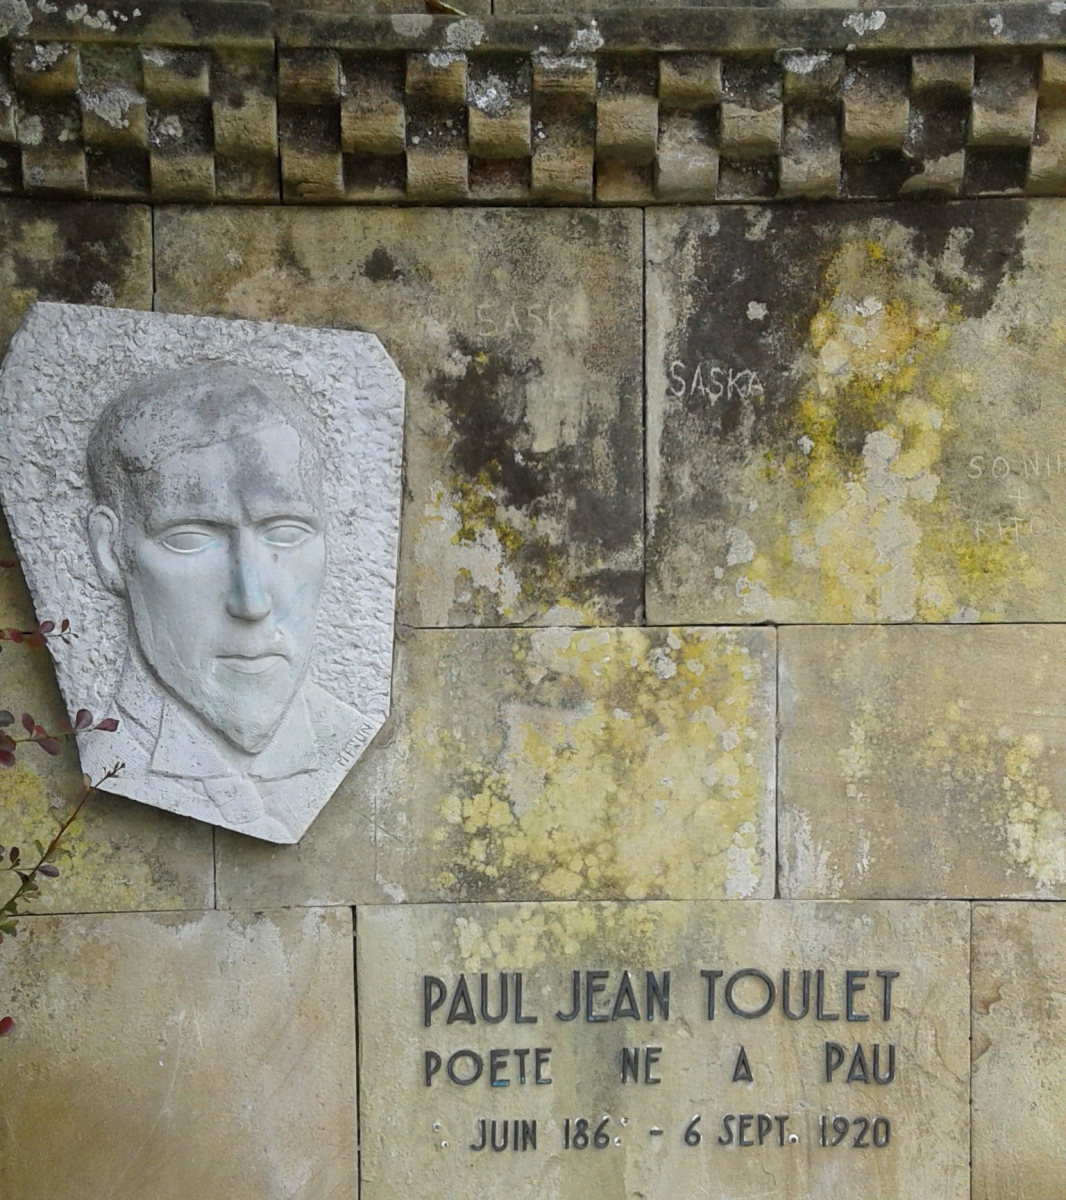 zPortrait1 3. Monument à Pau Paul-Jean Toulet.jpg